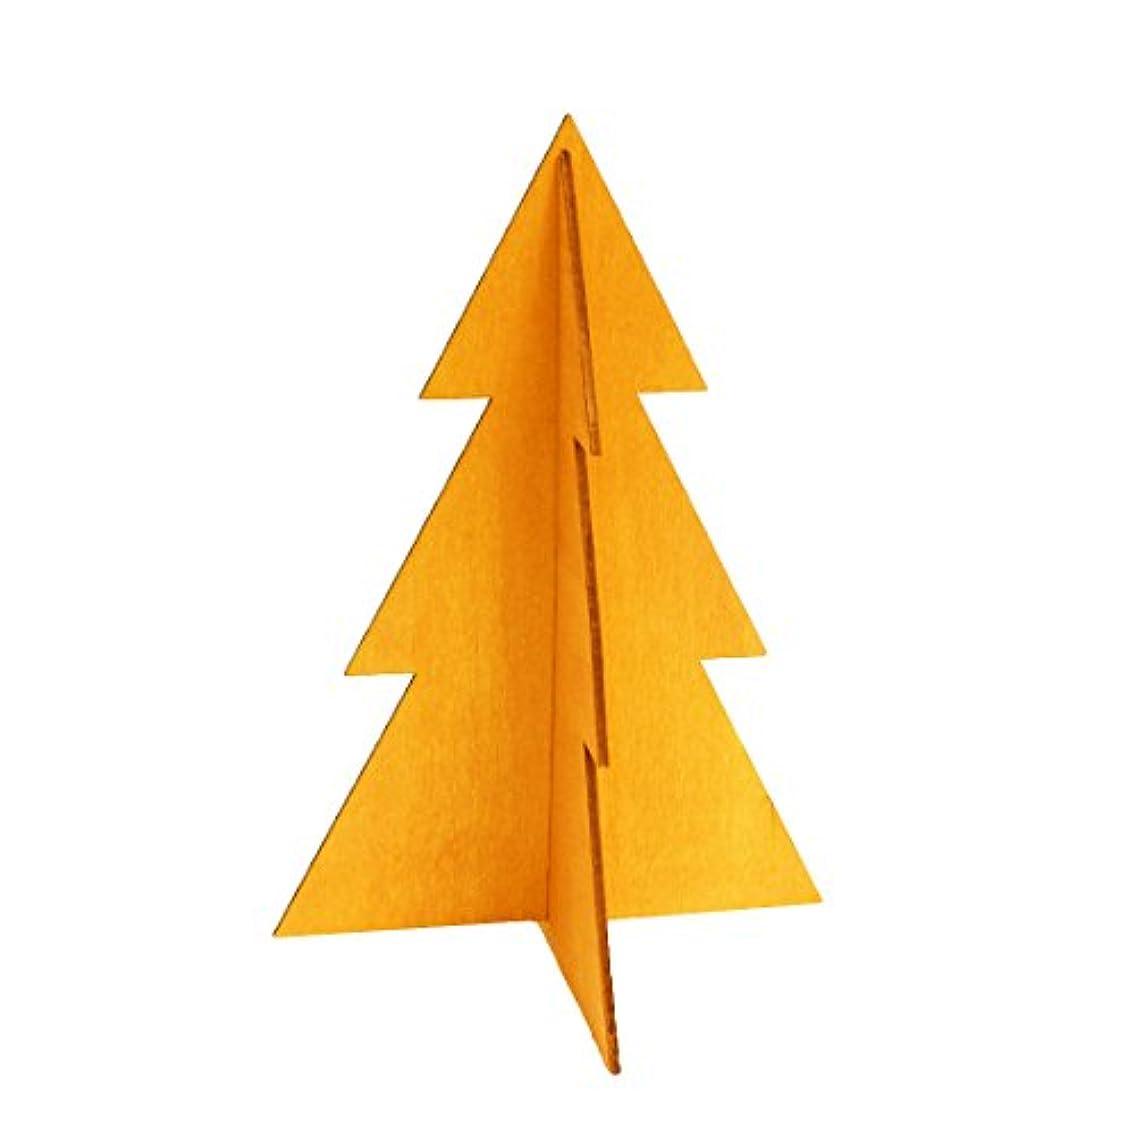 欺く溶けた挽くフェスティブツリーM 「 オレンジ 」